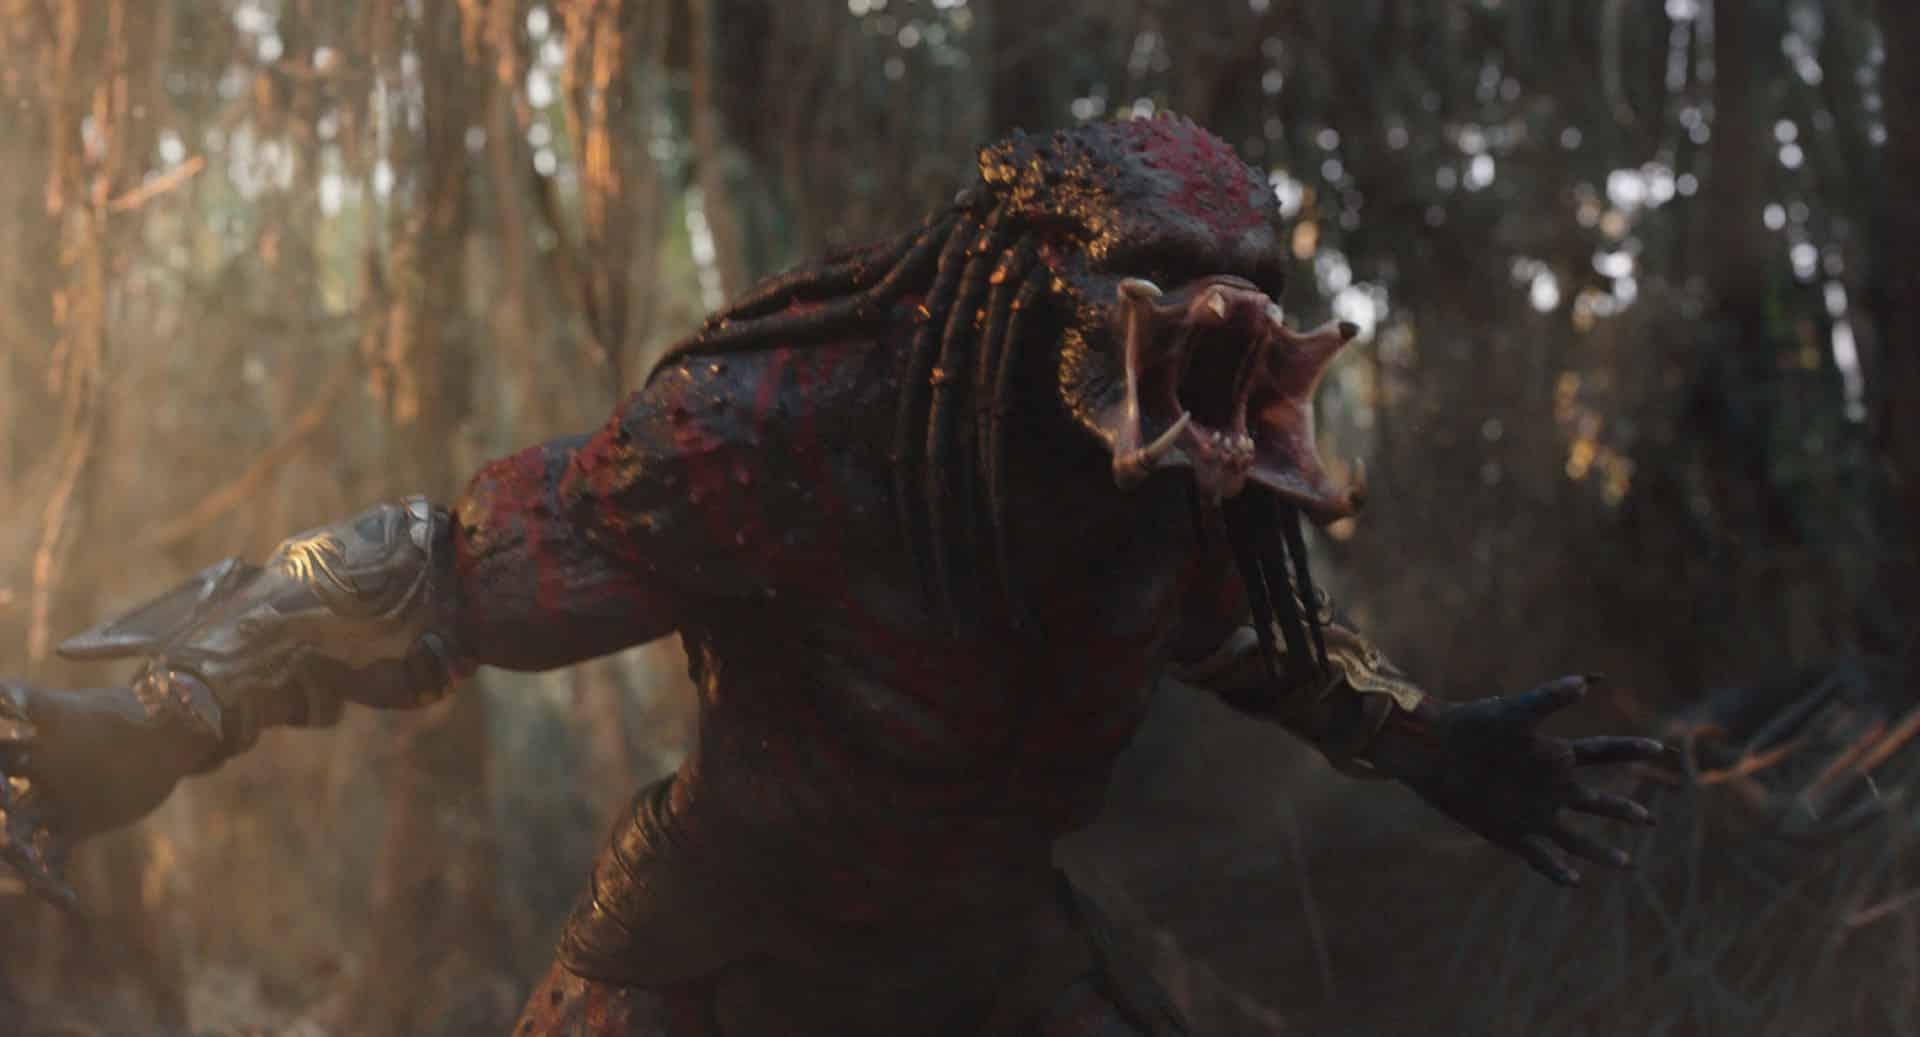 The Predator: la nuova featurette promette più terrore e minacce